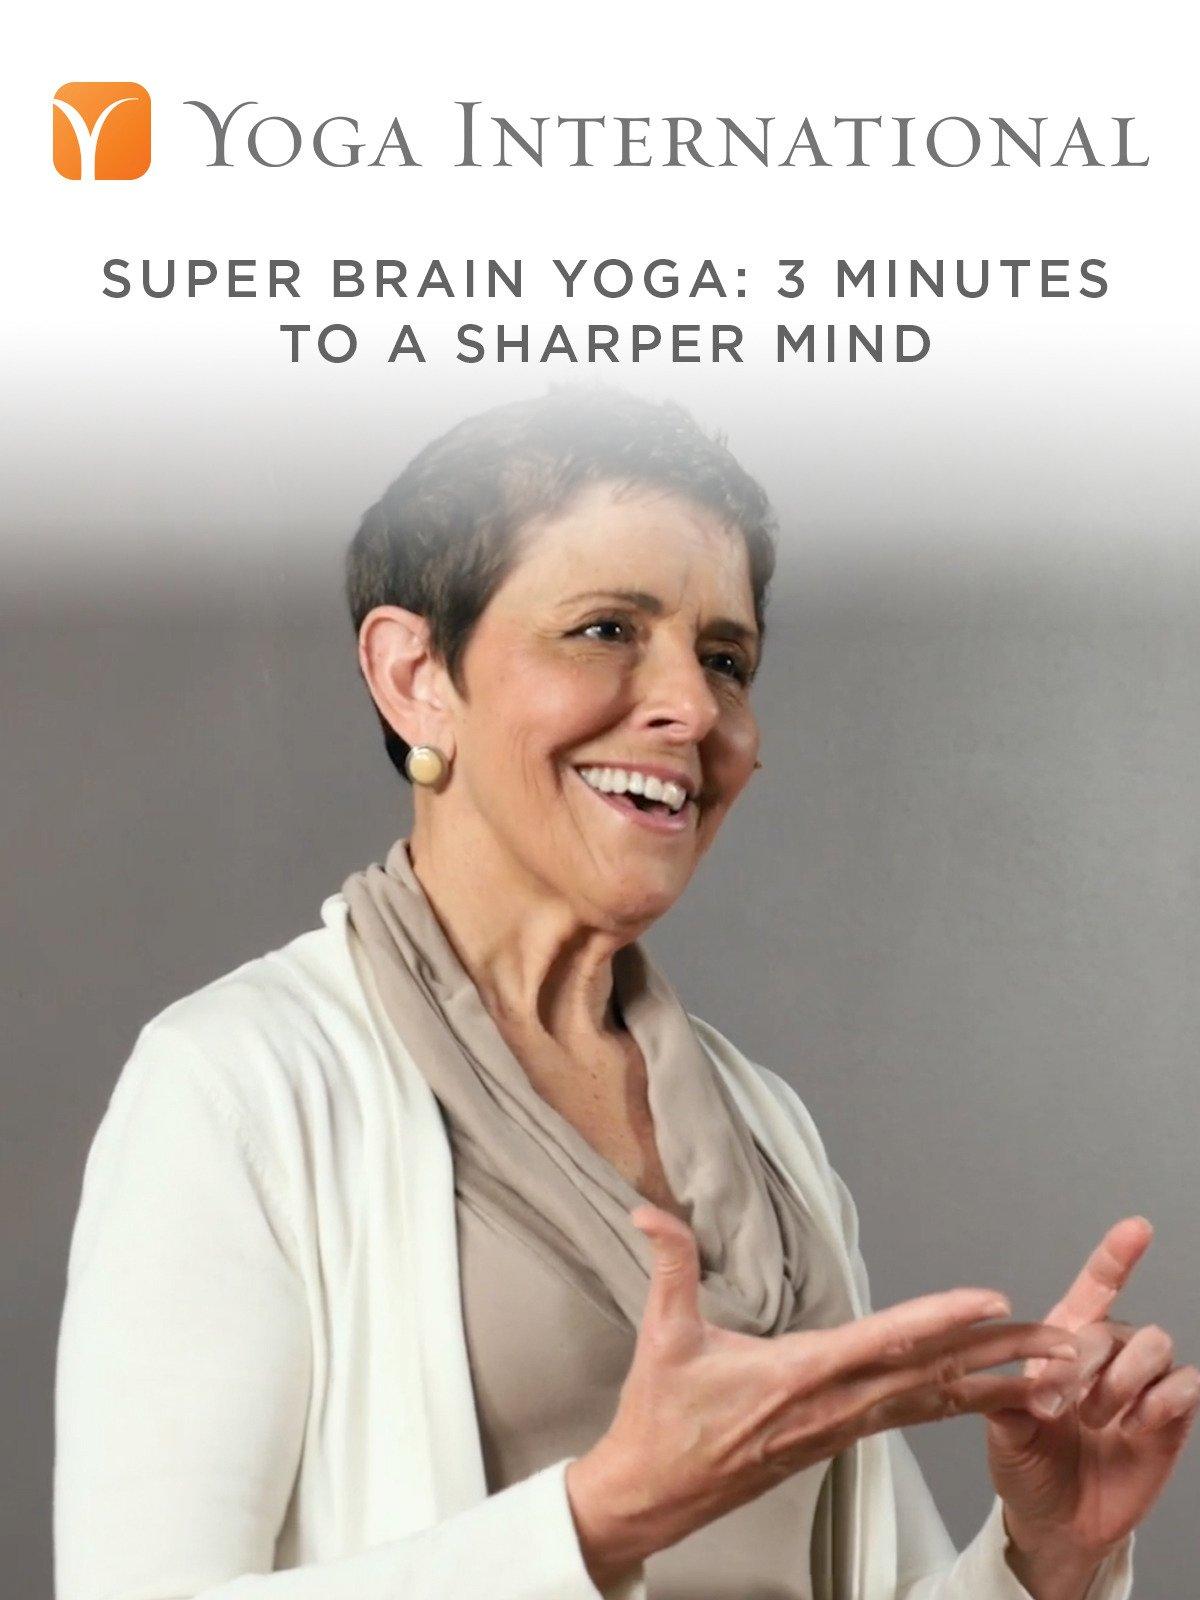 Super Brain Yoga: 3 Minutes to a Sharper Mind